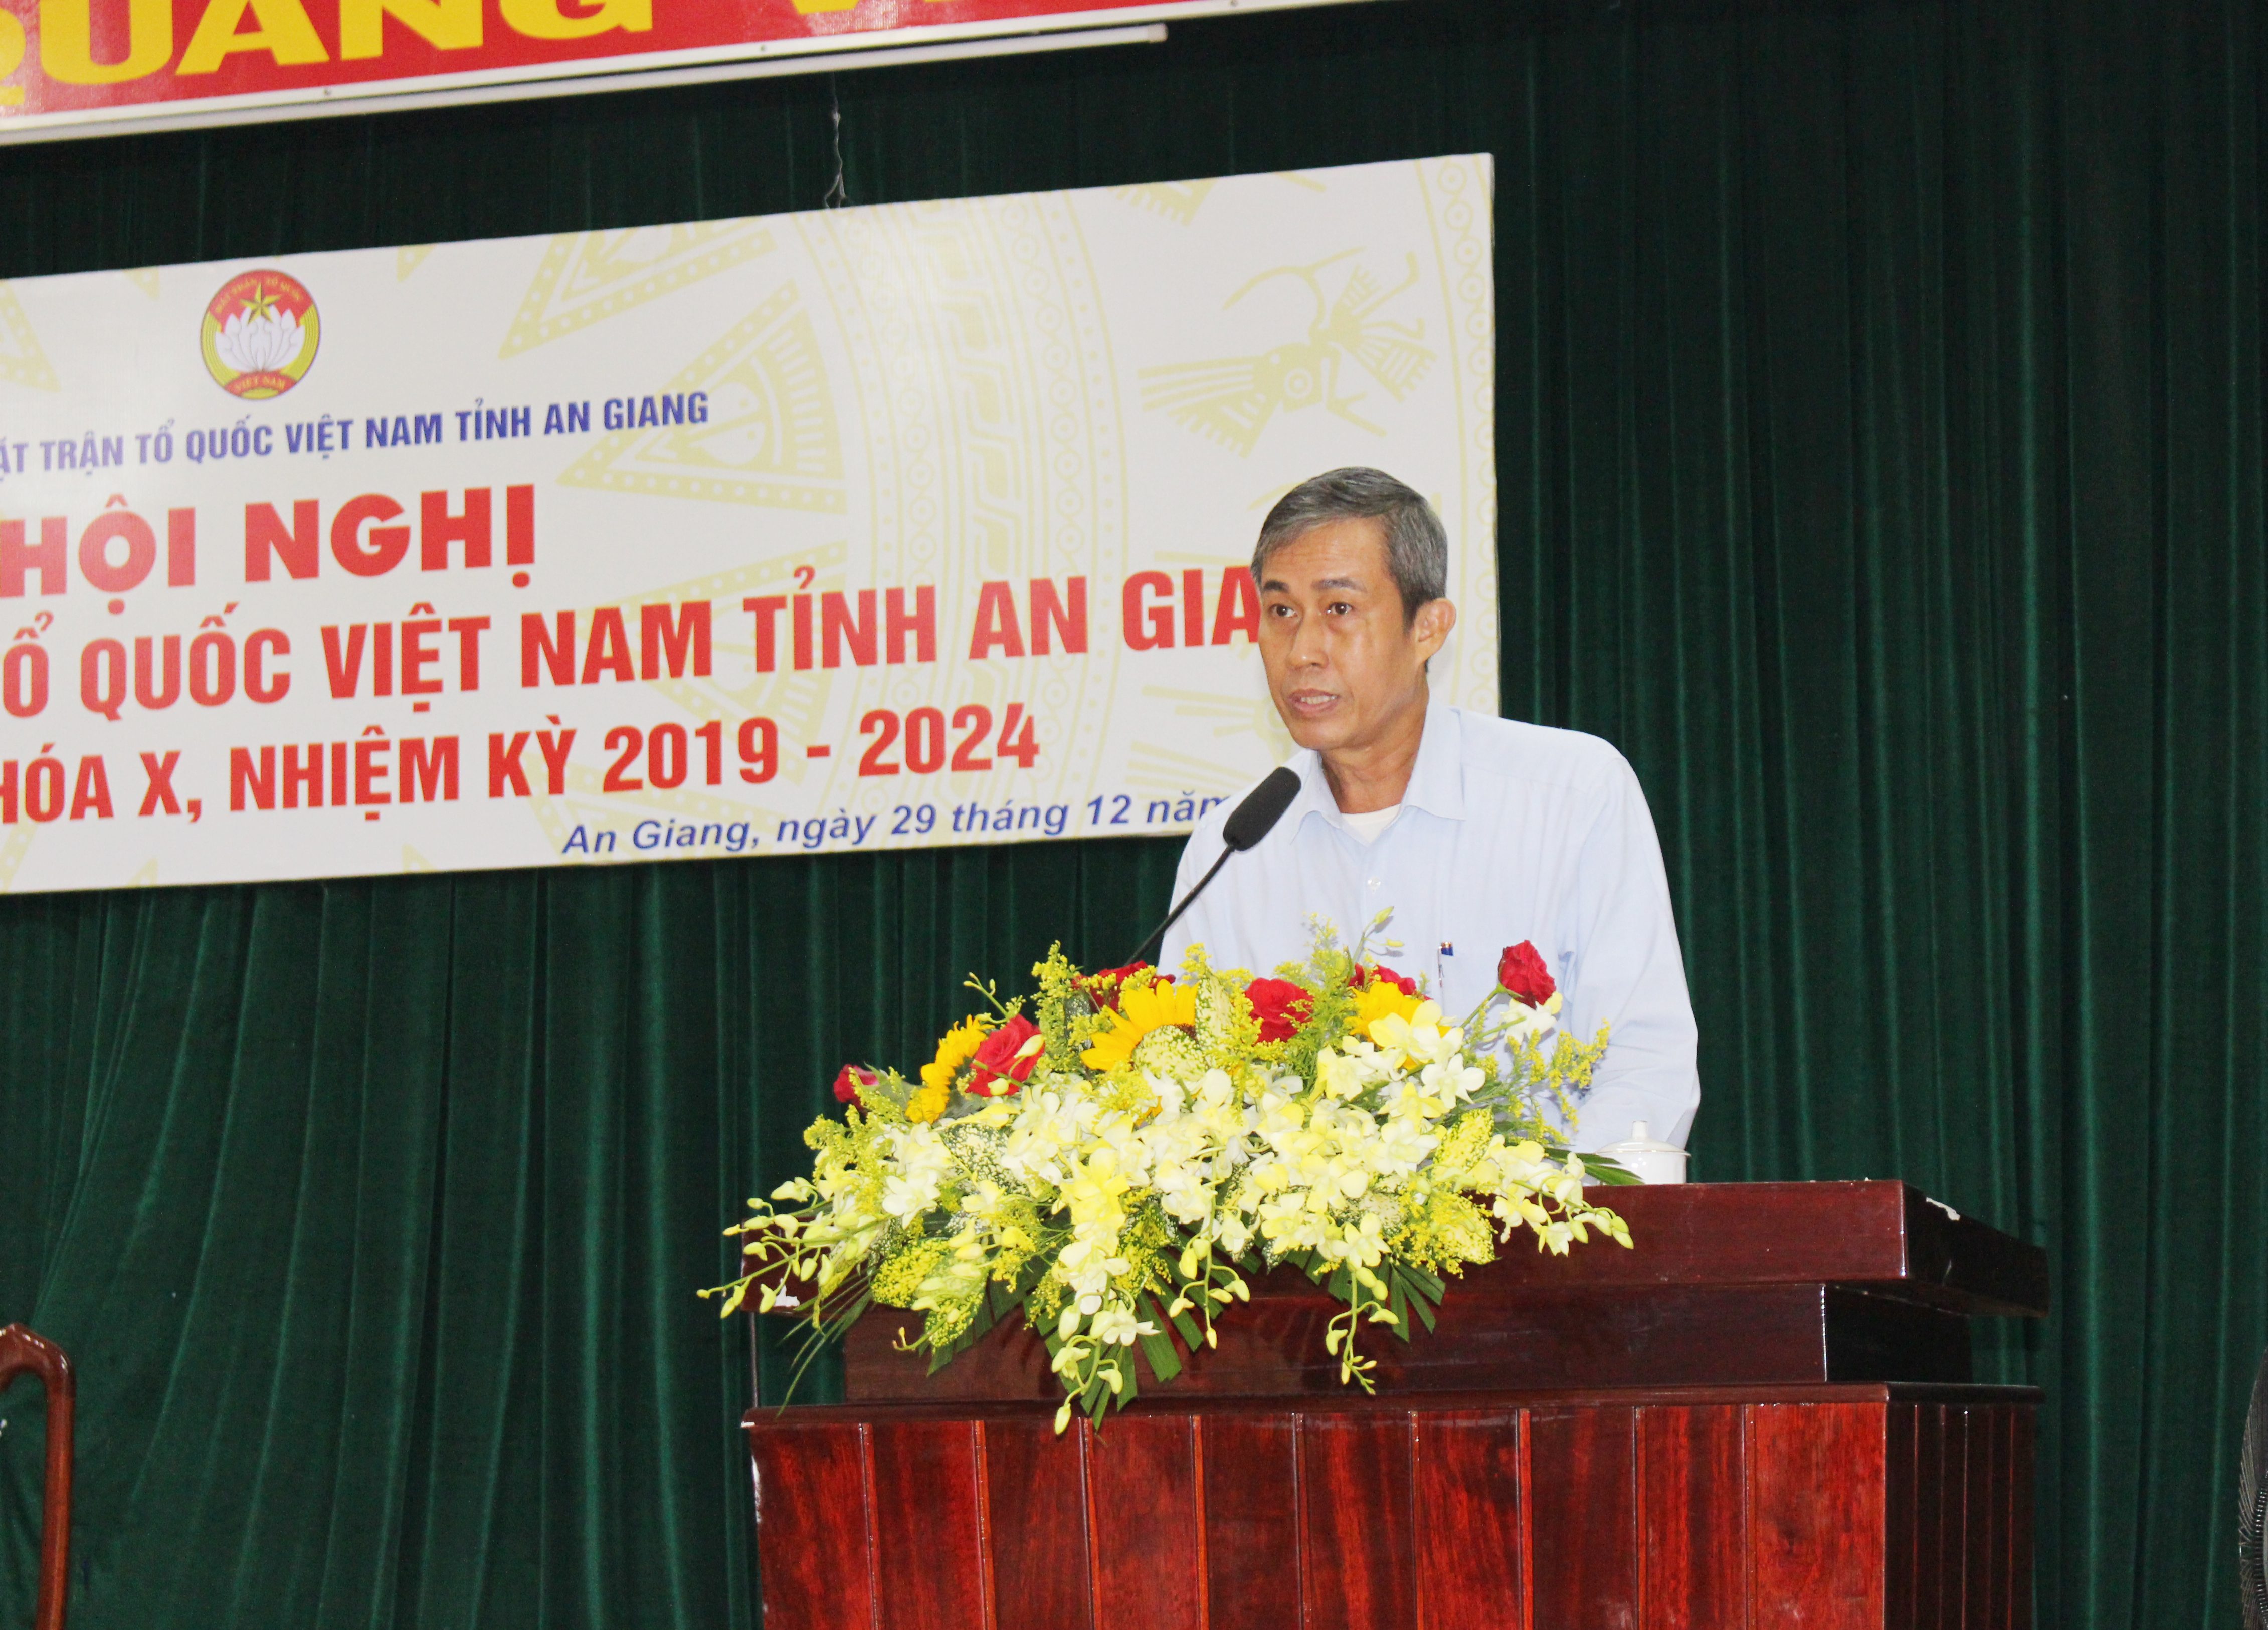 Ông Võ Văn Thiện, Trưởng ban công tác phía Nam phát biểu tại Hội nghị.